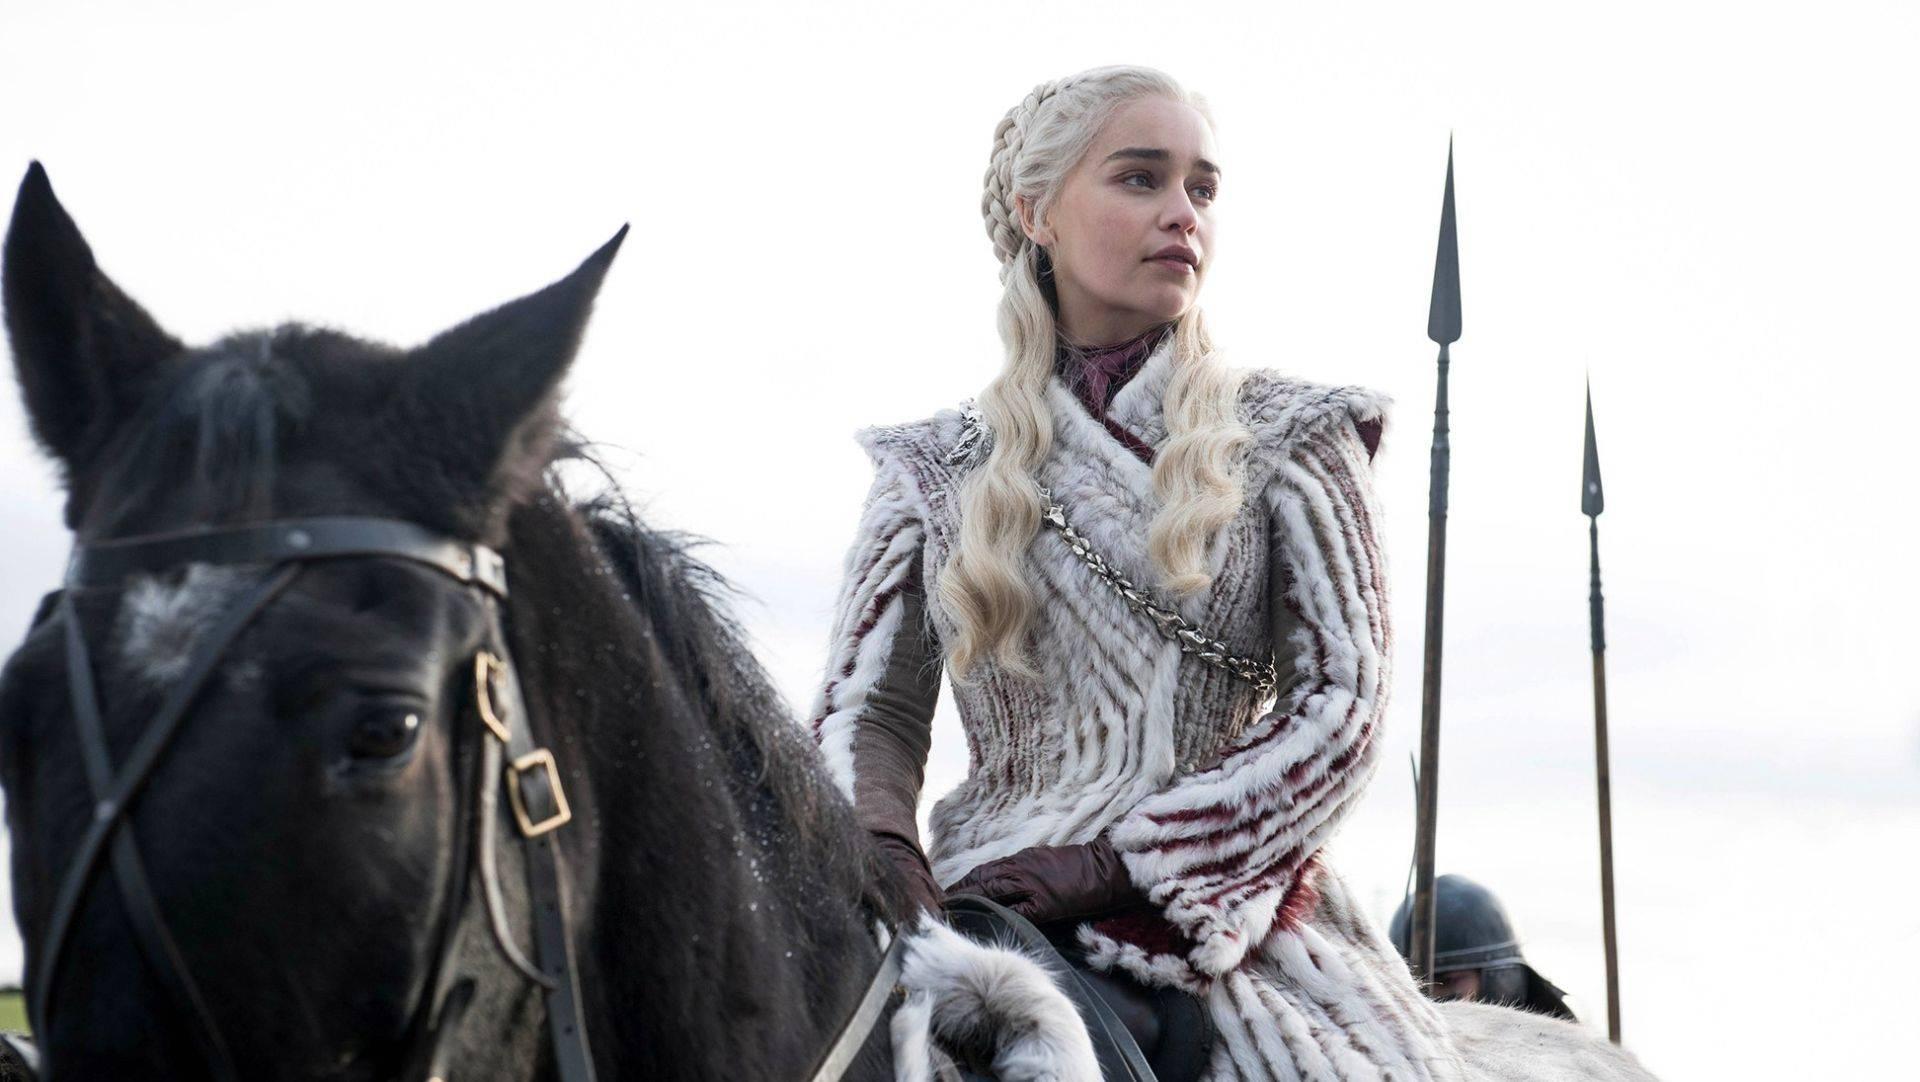 Capítulo estreno de octava temporada de Game of Thrones ha sido pirateado 54 millones de veces en 24 horas